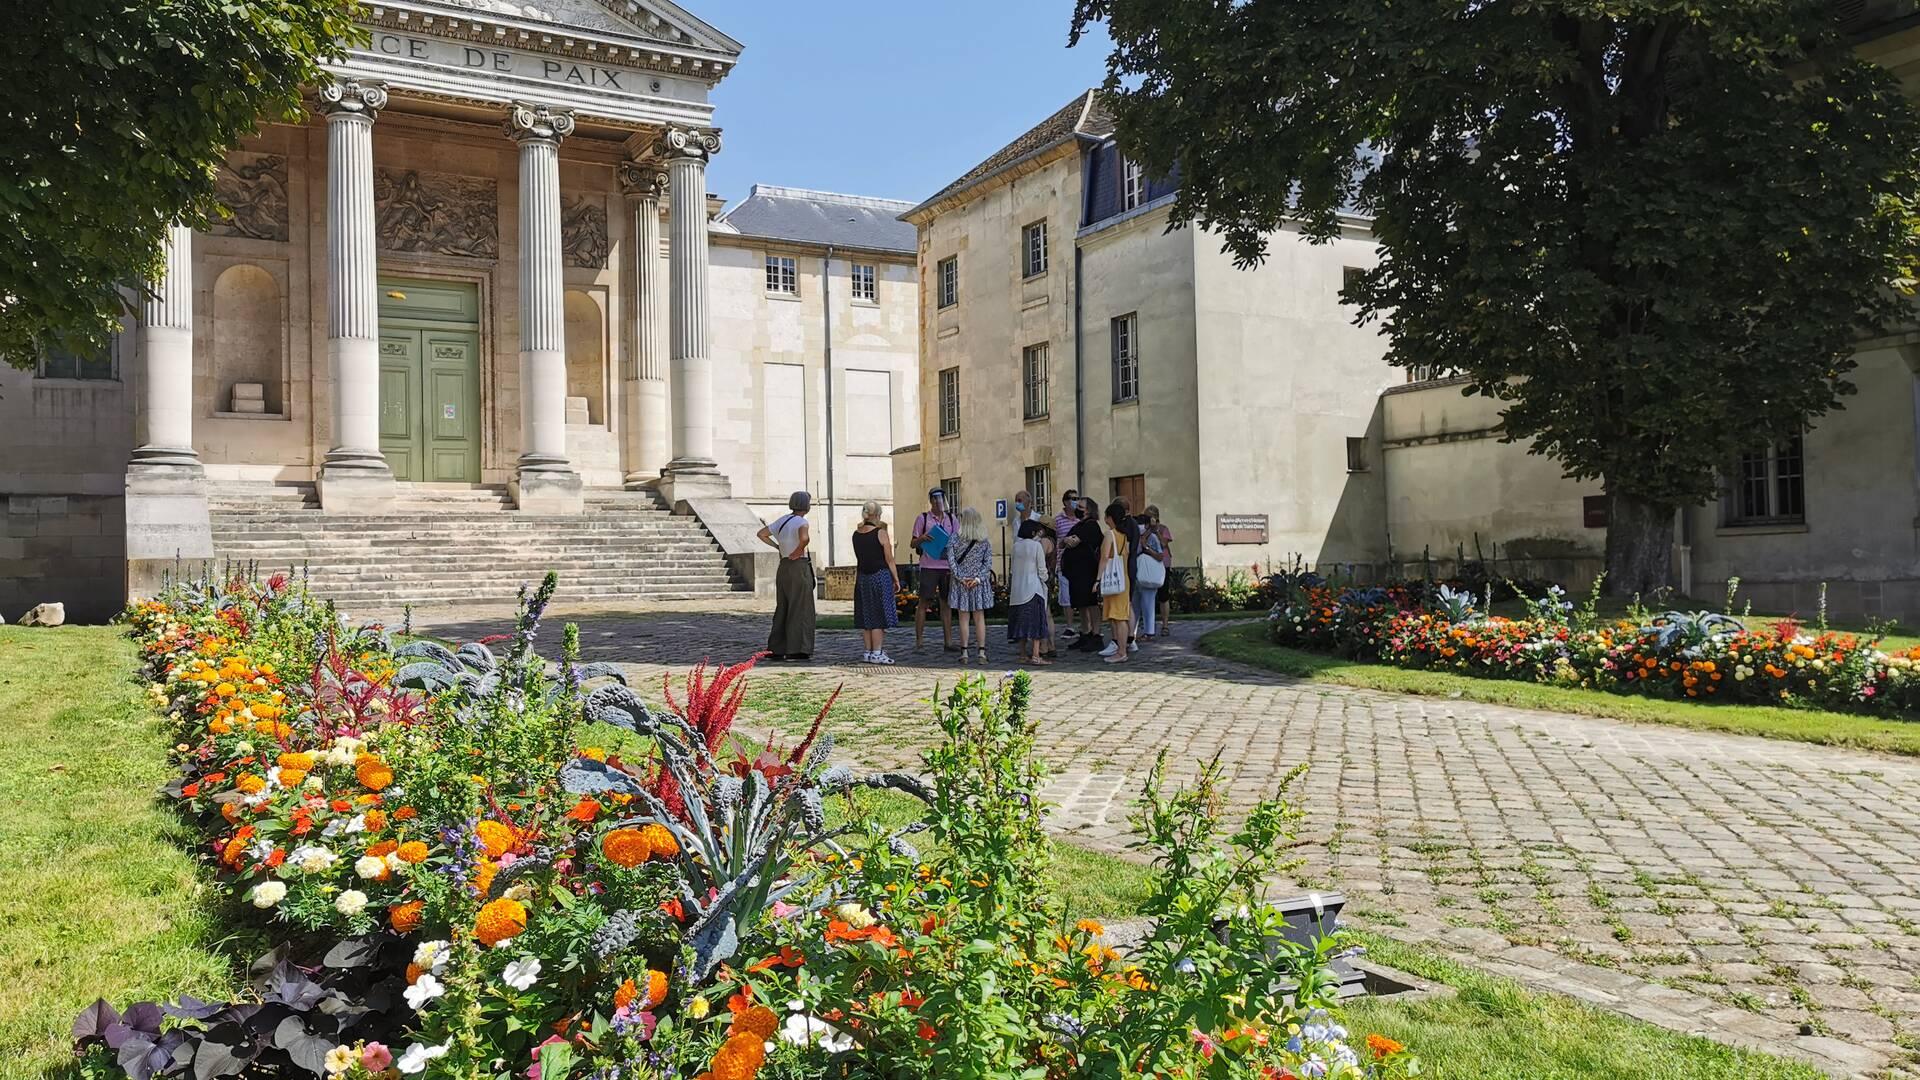 visites-guidées-office-tourisme-plaine-commune-grand-paris-octobre-2020